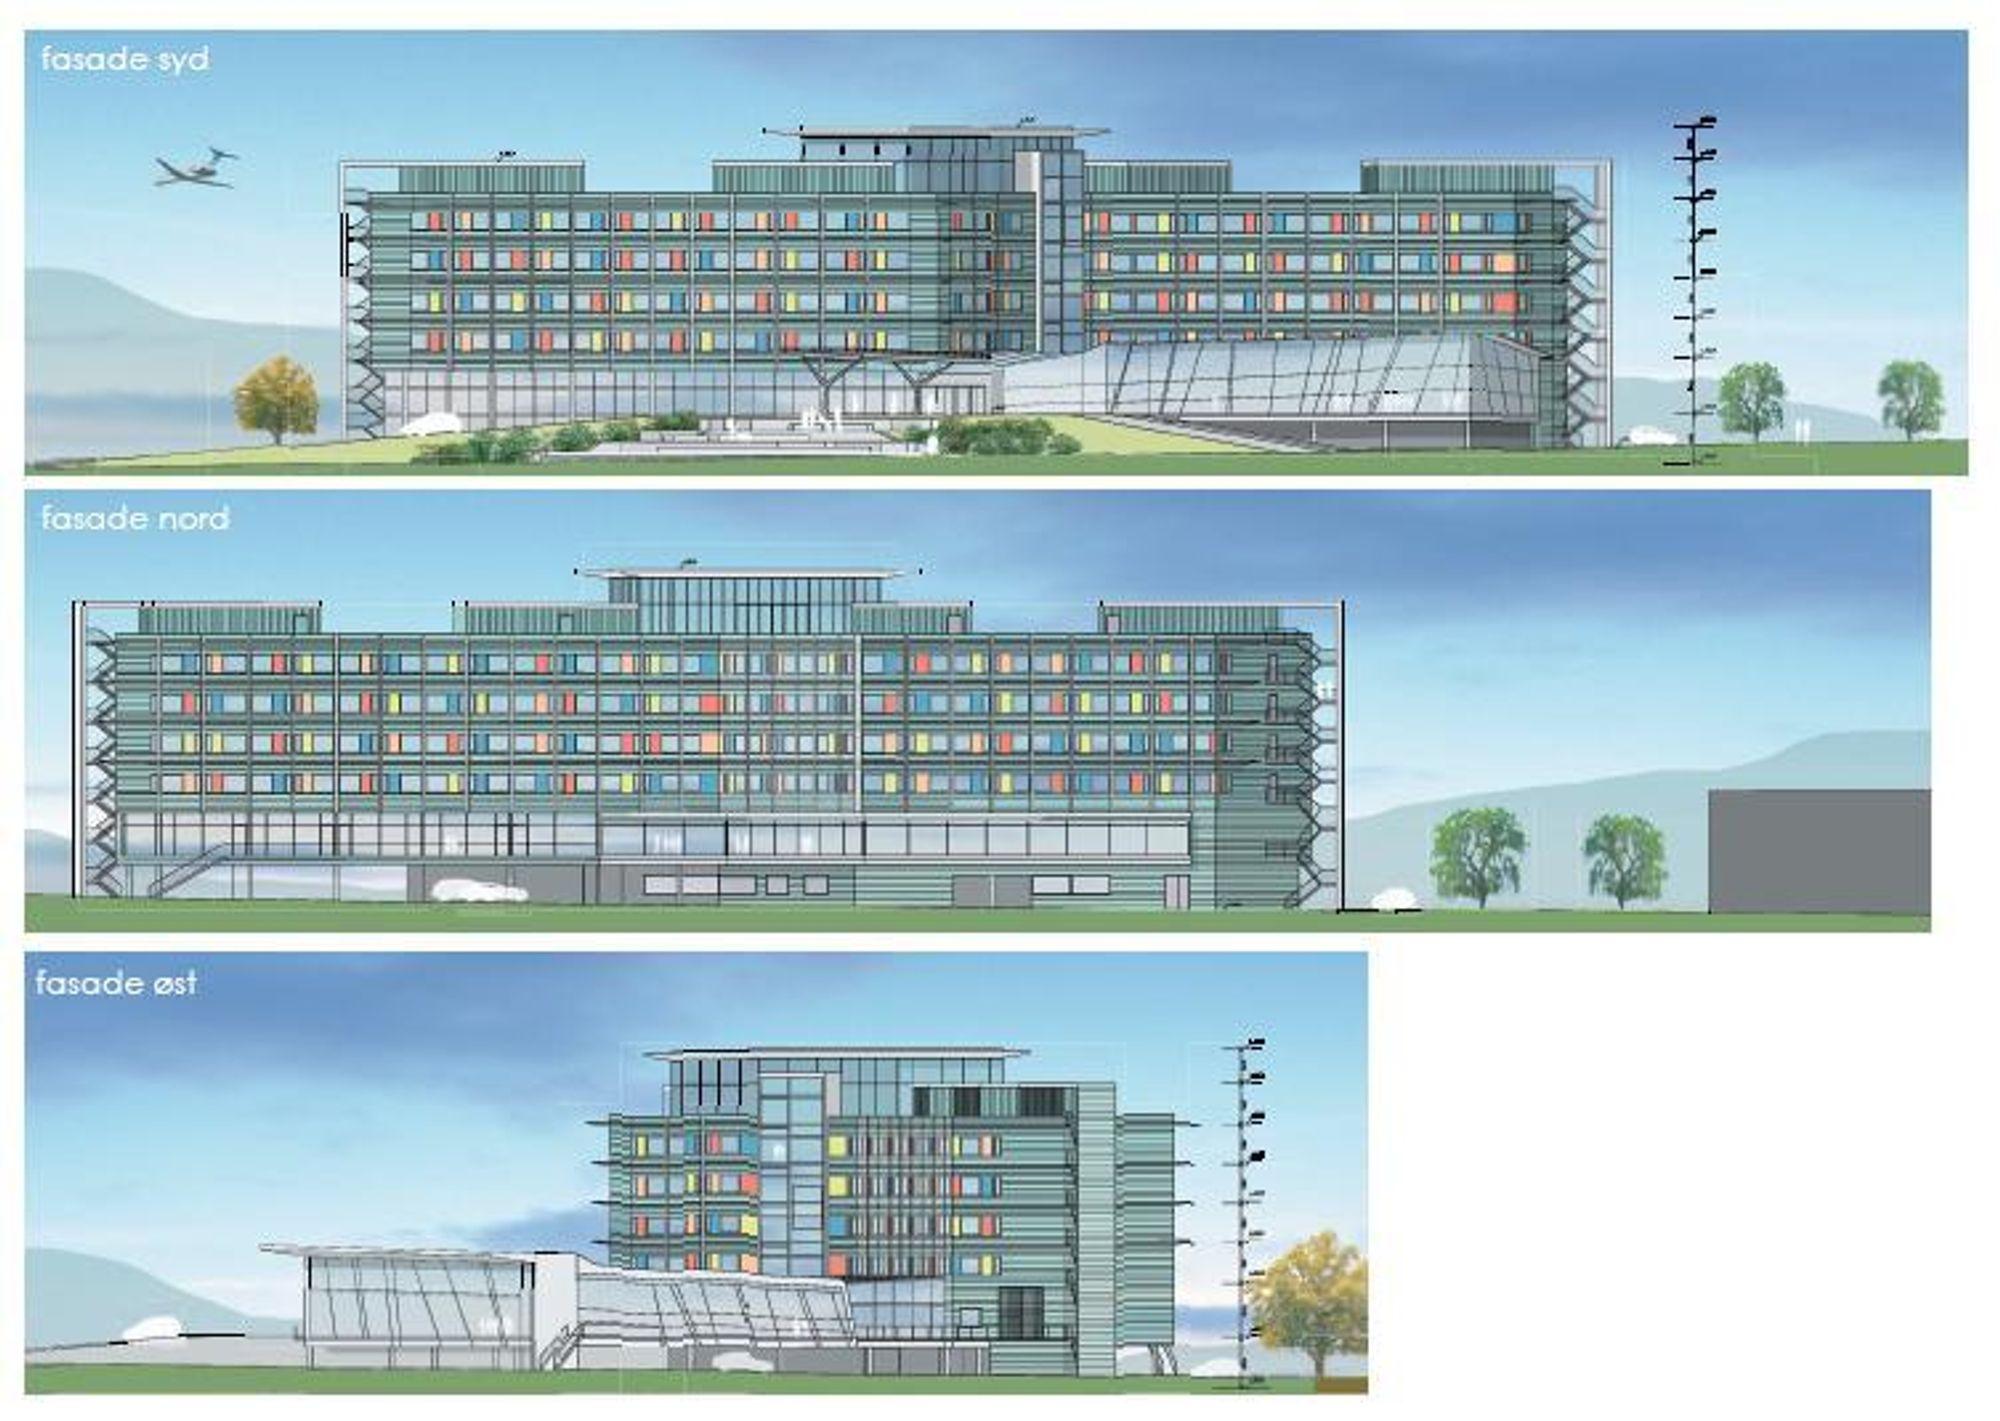 KLARGJØR: Clarion hotellet som skal bygges ved Flesland flyplass, har bidratt til å avklare rollene for rådgivende ingeniører: Nå kan de først definere prosjektet og deretter levere anbud ut fra egne beskrivelser.